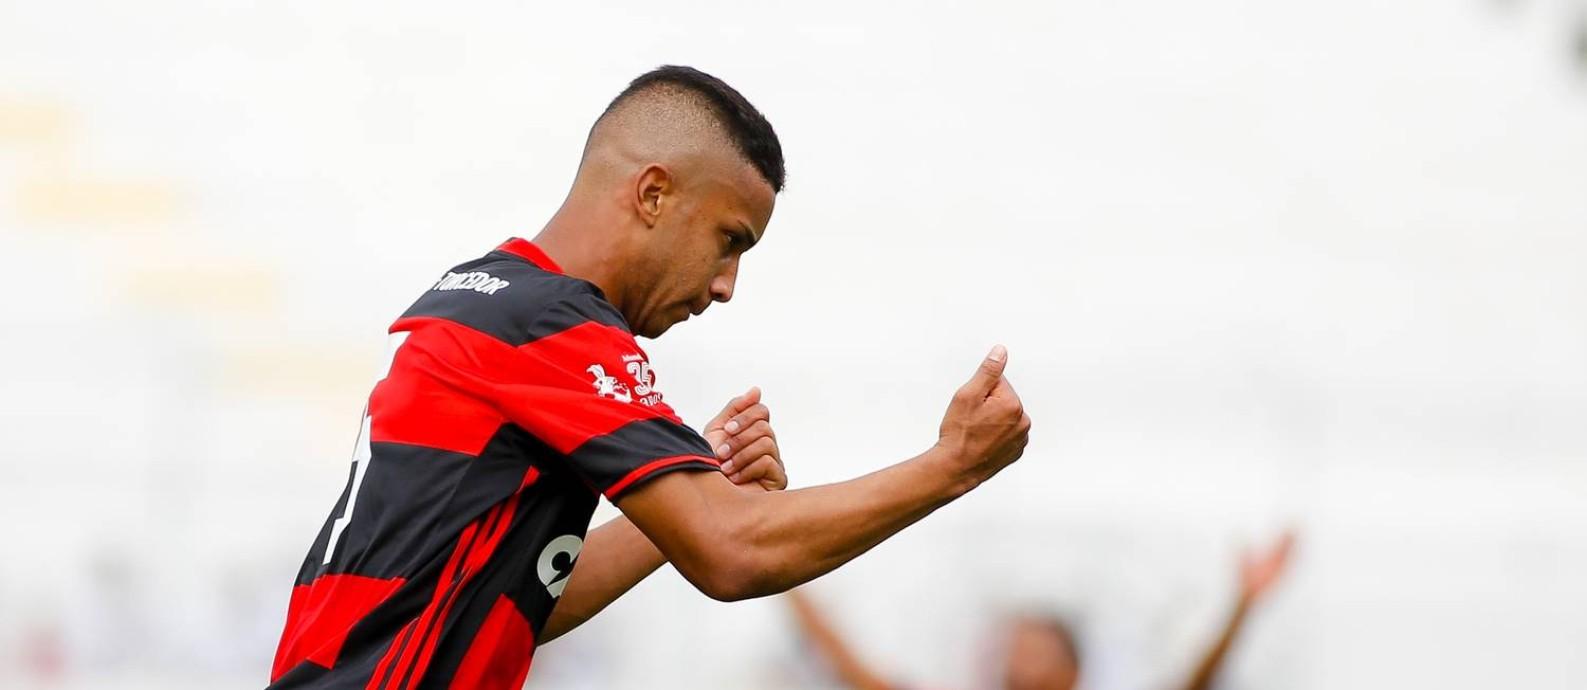 Jorge comemora um de seus gols pelo Flamengo Foto: Divulgação